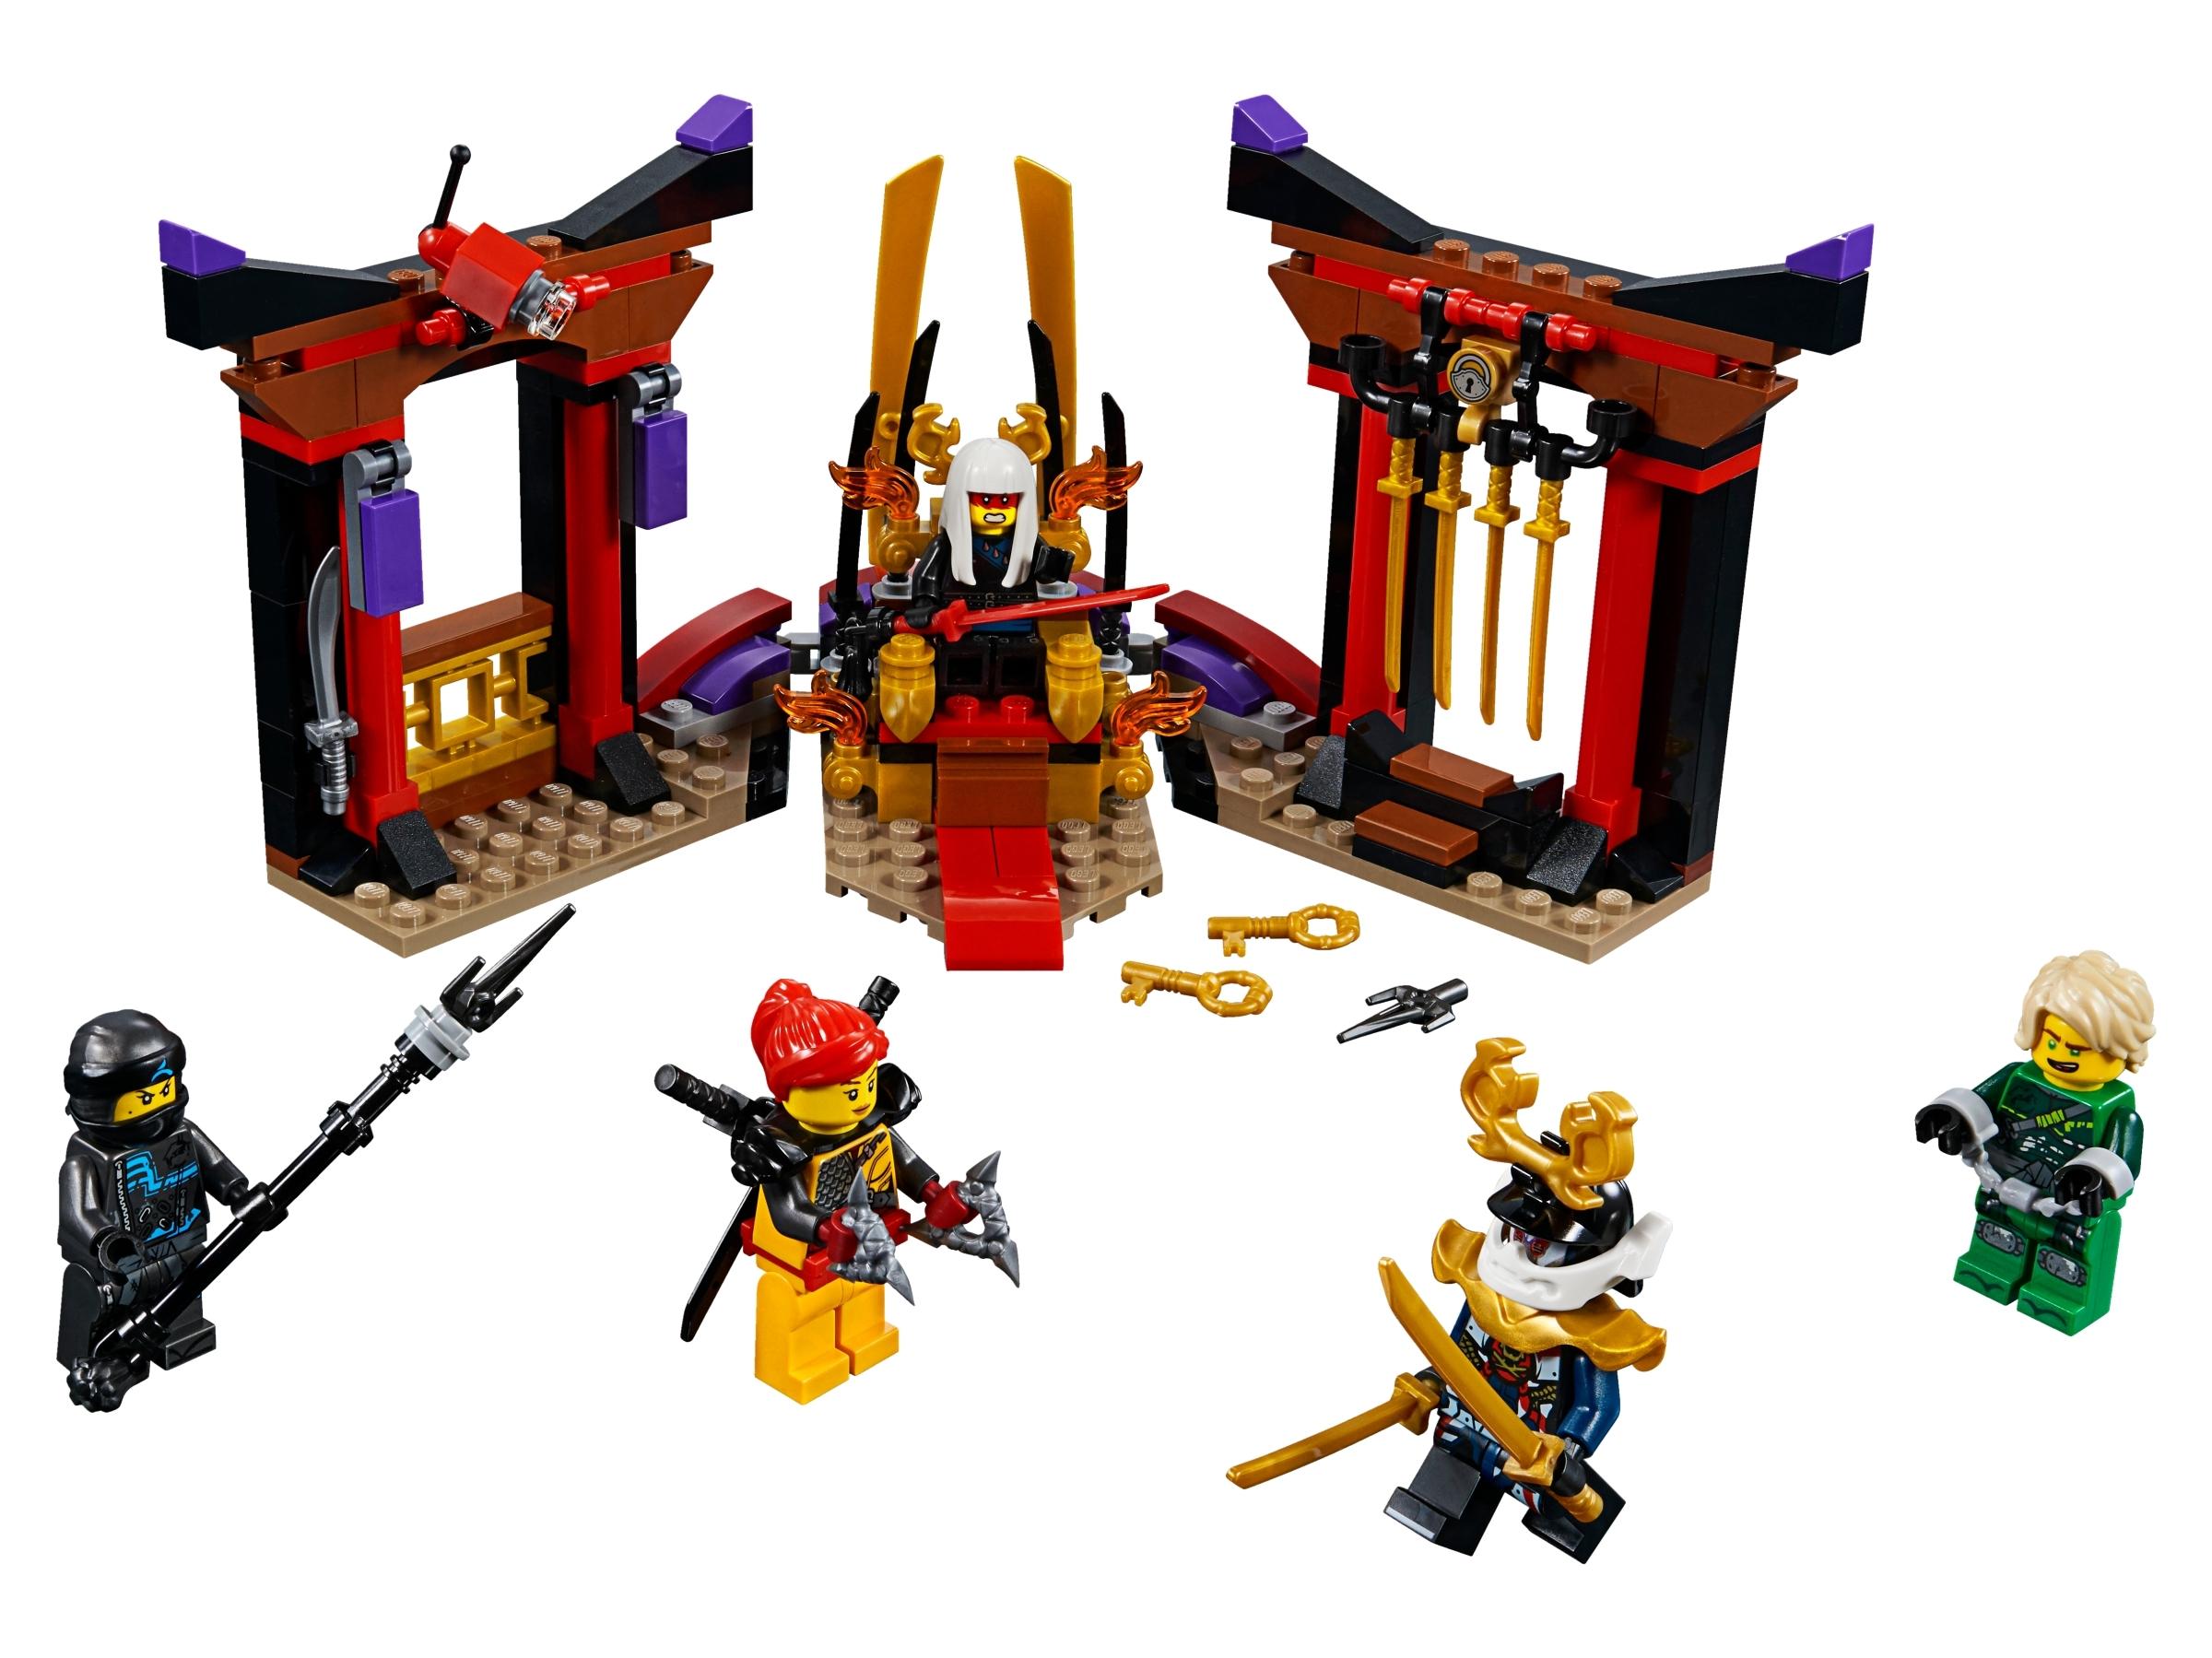 lego troonzaalduel 70651